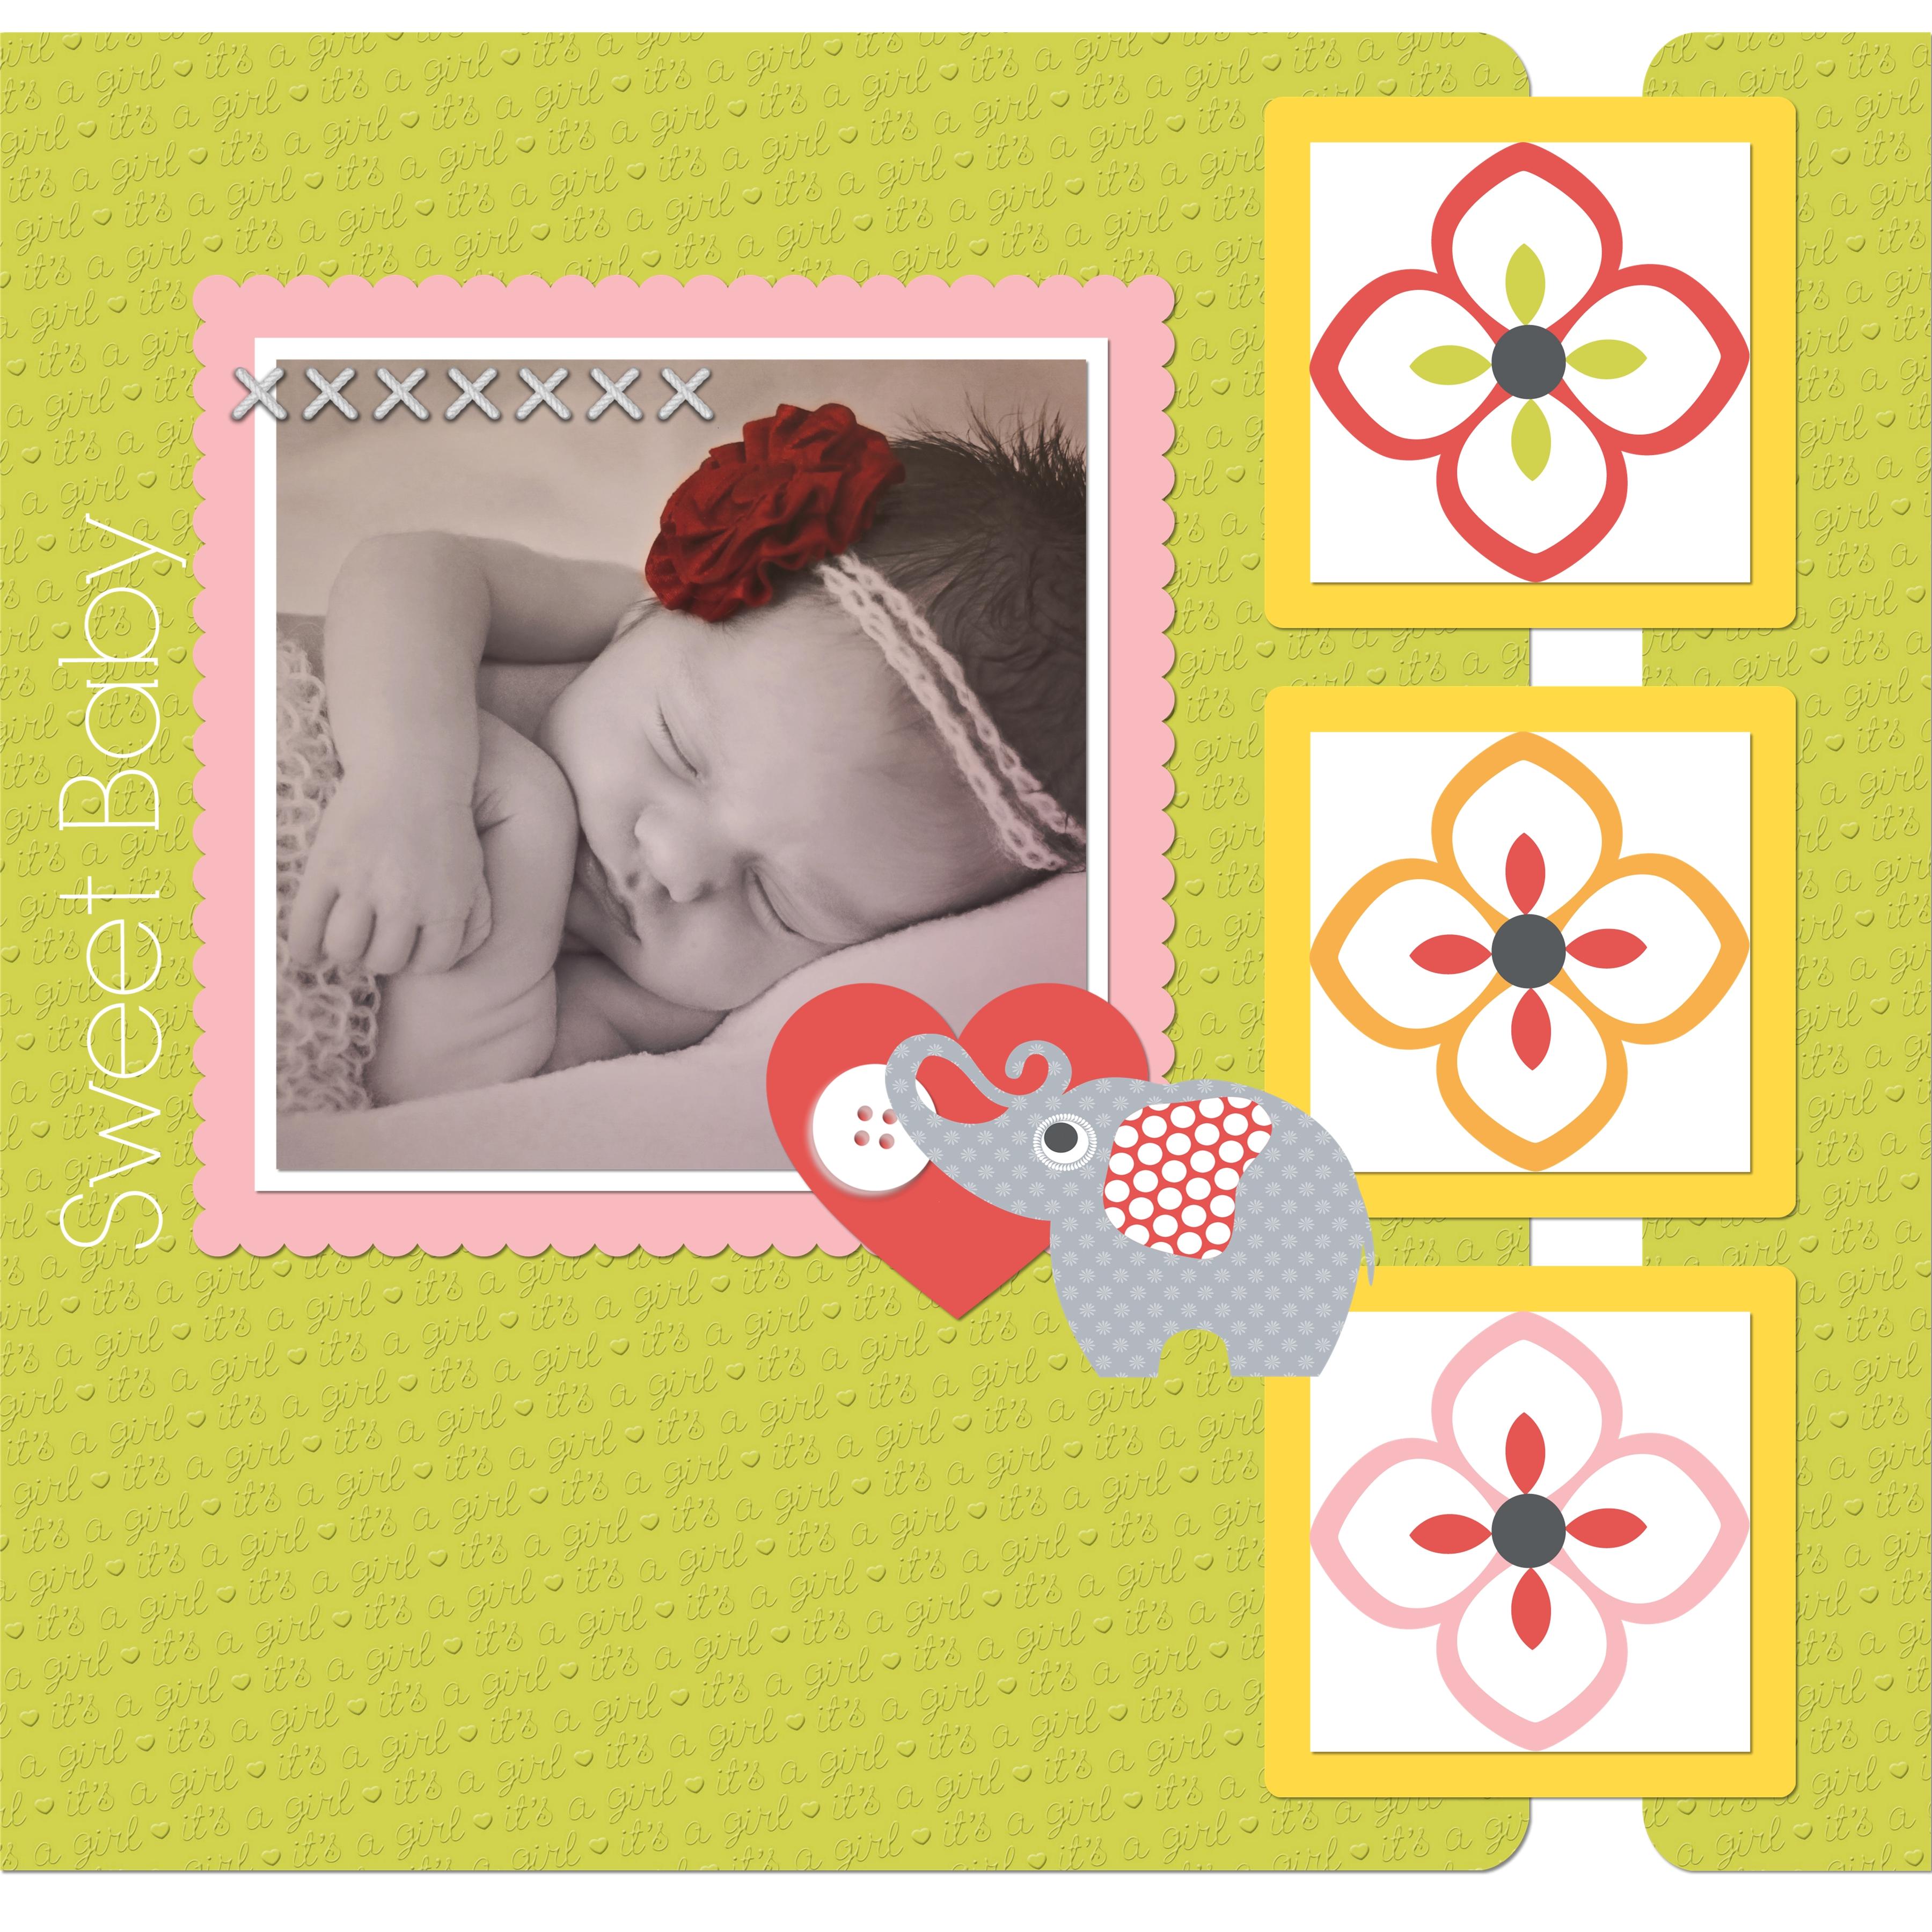 BabyGirl - Page 010.jpg